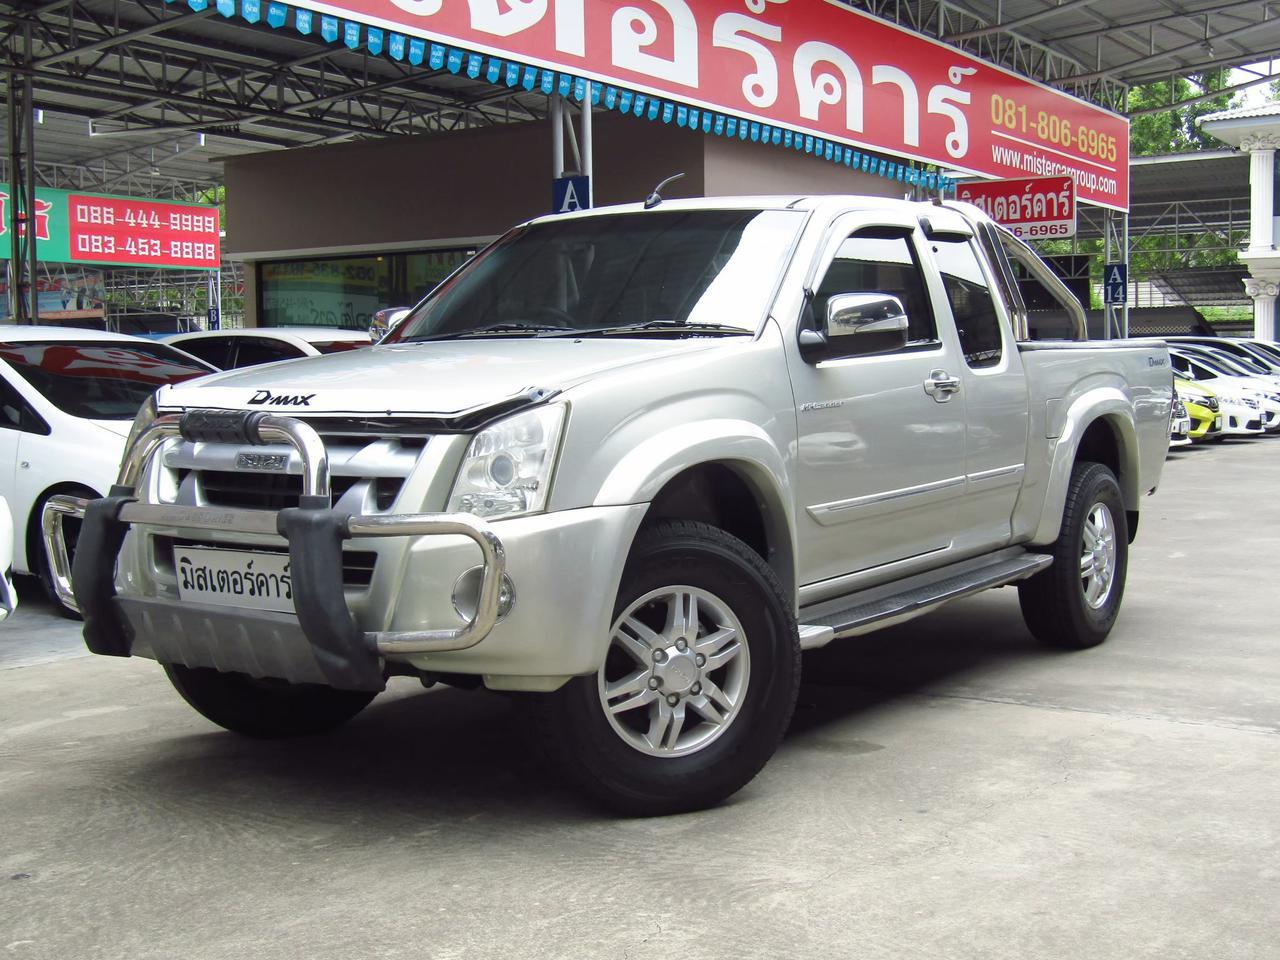 D-max.2.5hi-rander super platinum รูปที่ 4